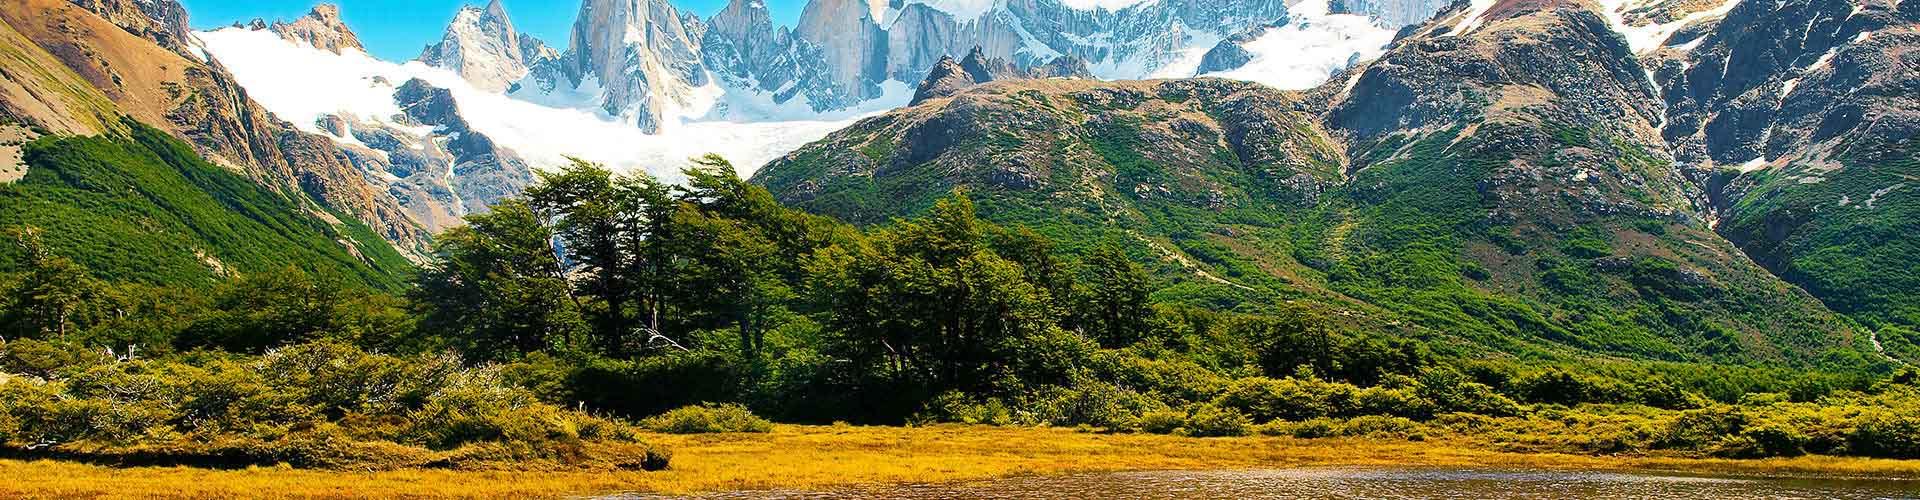 Mendoza - Zelten in Mendoza. Karten für Mendoza. Fotos und Bewertungen für jeden Zeltplatz in Mendoza.